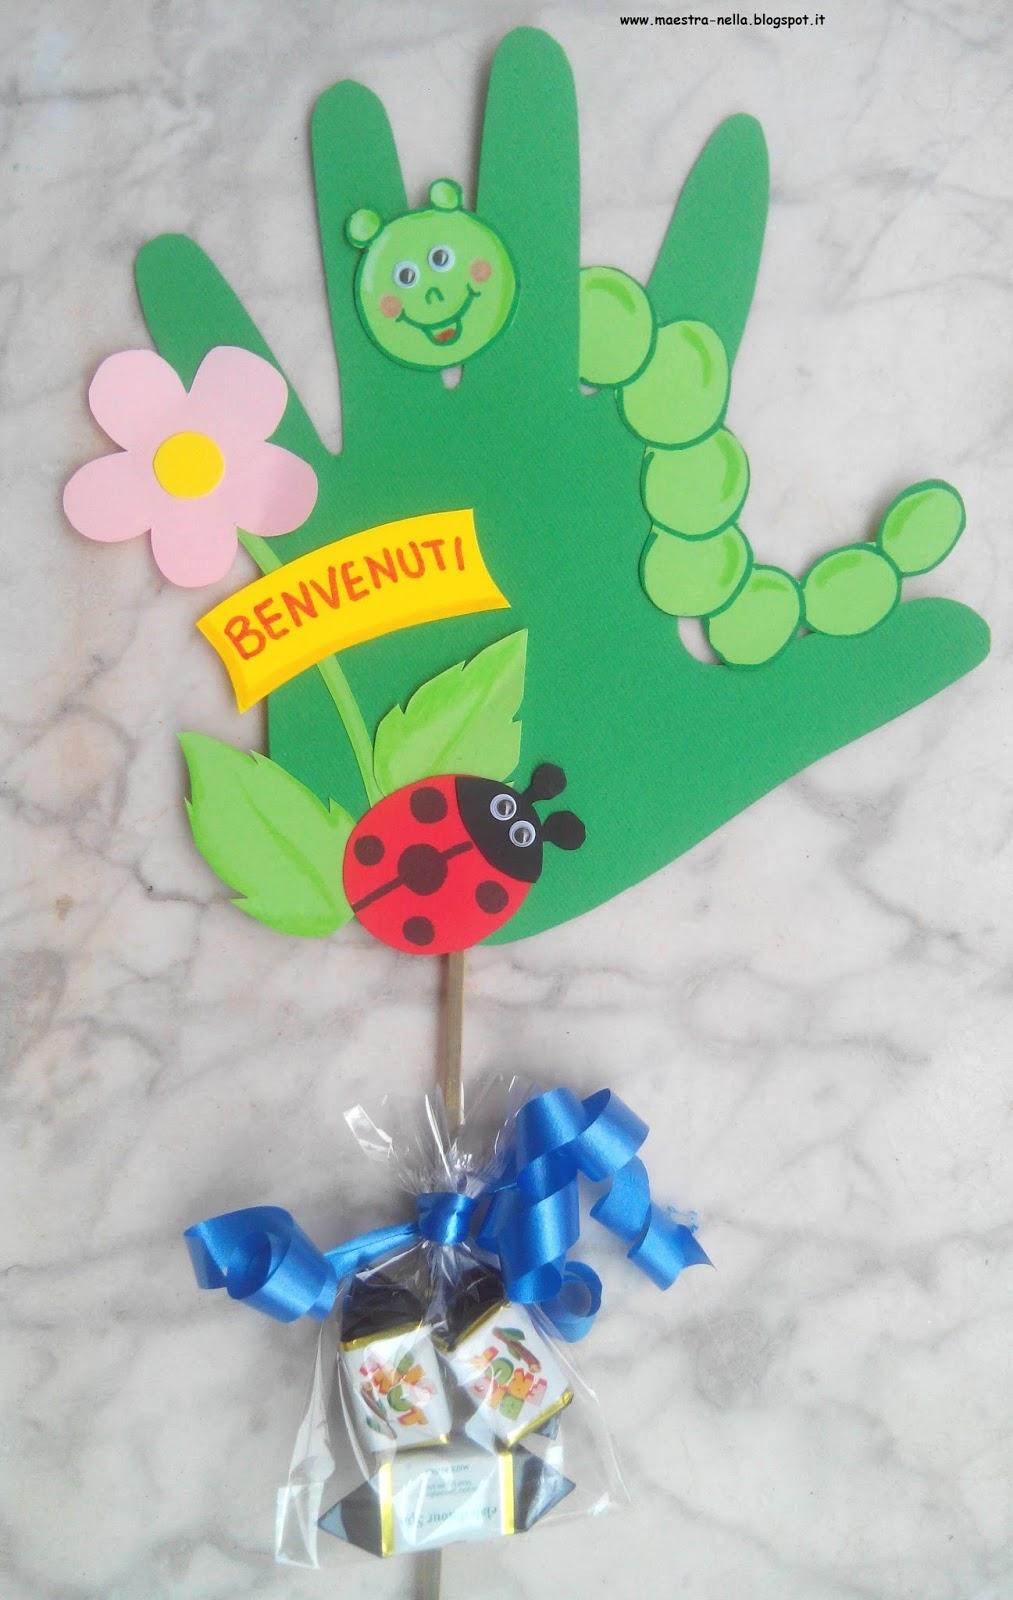 Maestra nella con le mani for Idee per l accoglienza nella scuola dell infanzia